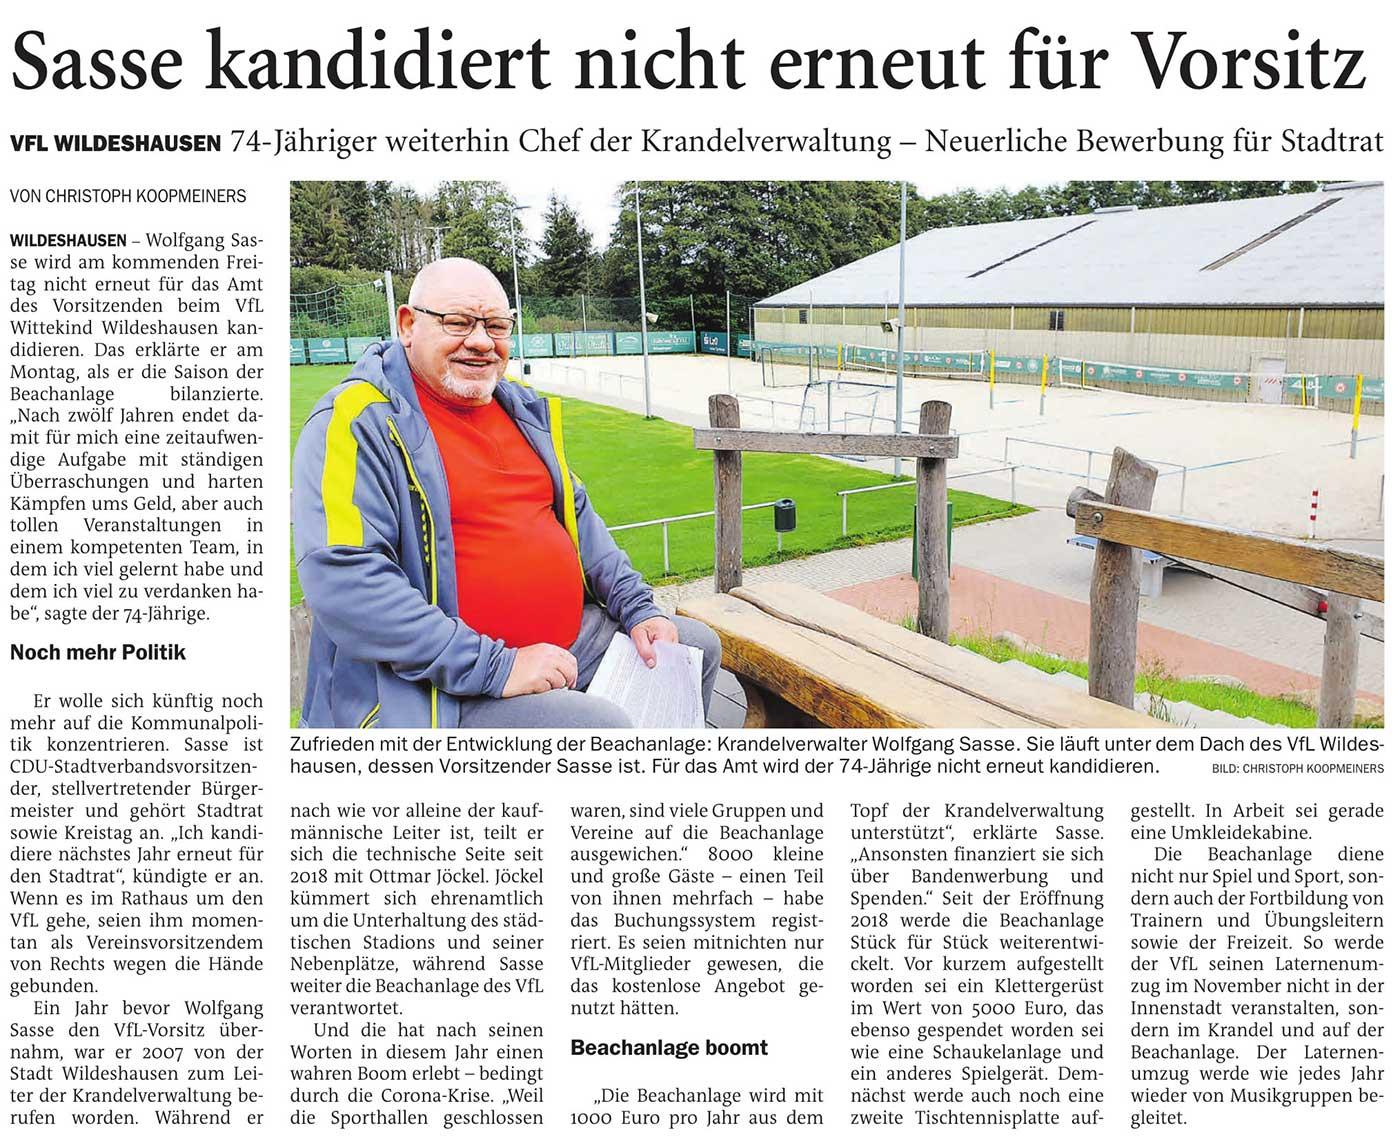 Sasse kandidiert nicht erneut für VorsitzVfL Wildeshausen // 74-Jähriger weiterhin Chef der Krandelverwaltung - Neuerliche Bewerbung für StadtratArtikel vom 06.10.2020 (NWZ)